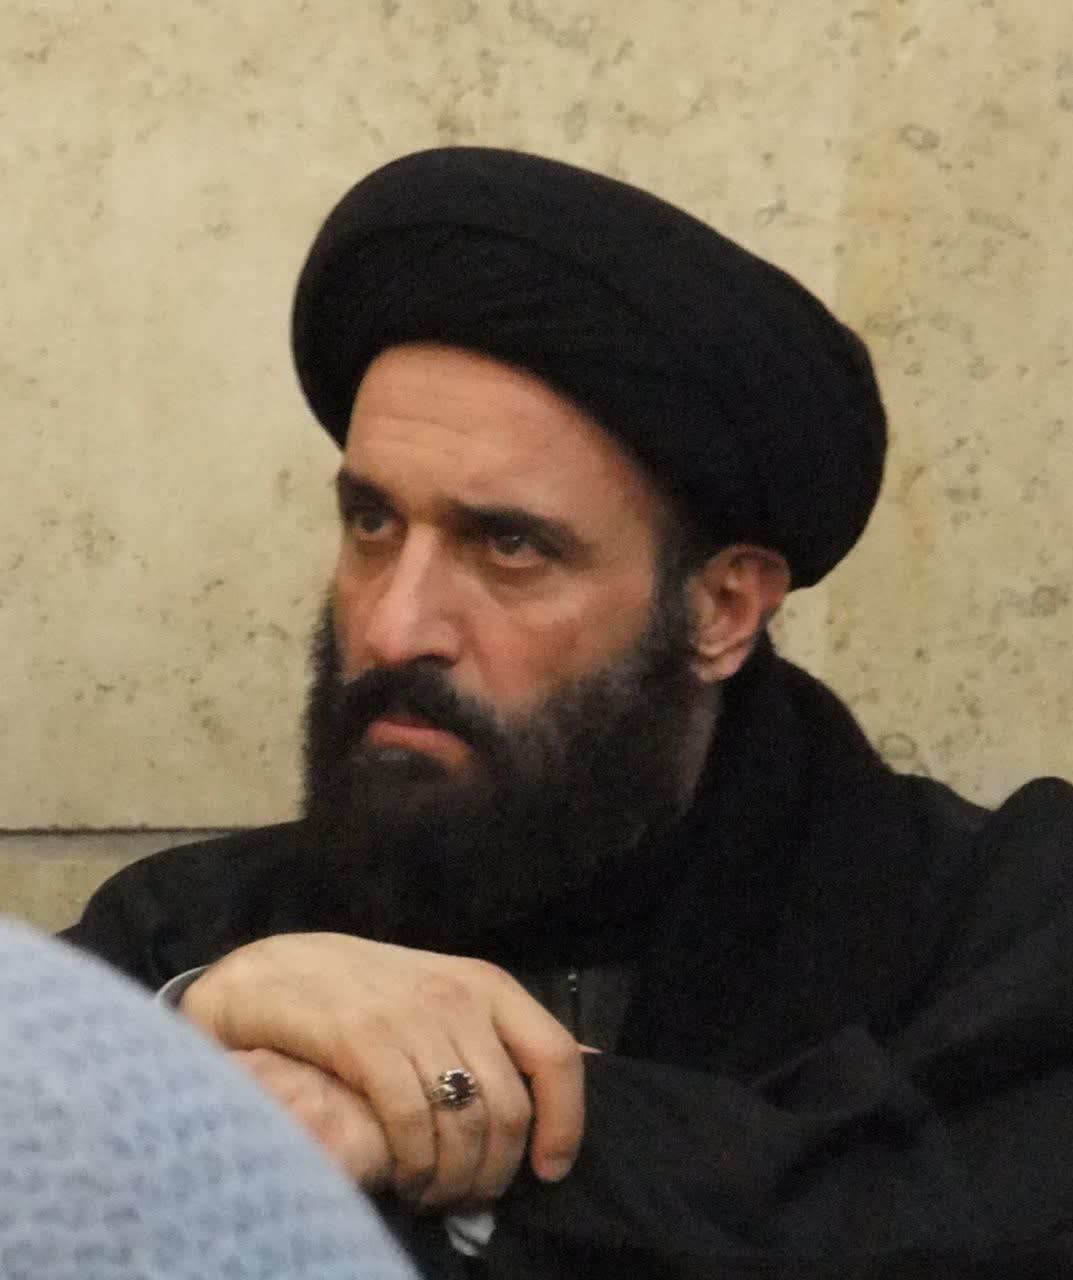 حجت الاسلام عابدینی، معاون محترم امور مالی و اداری